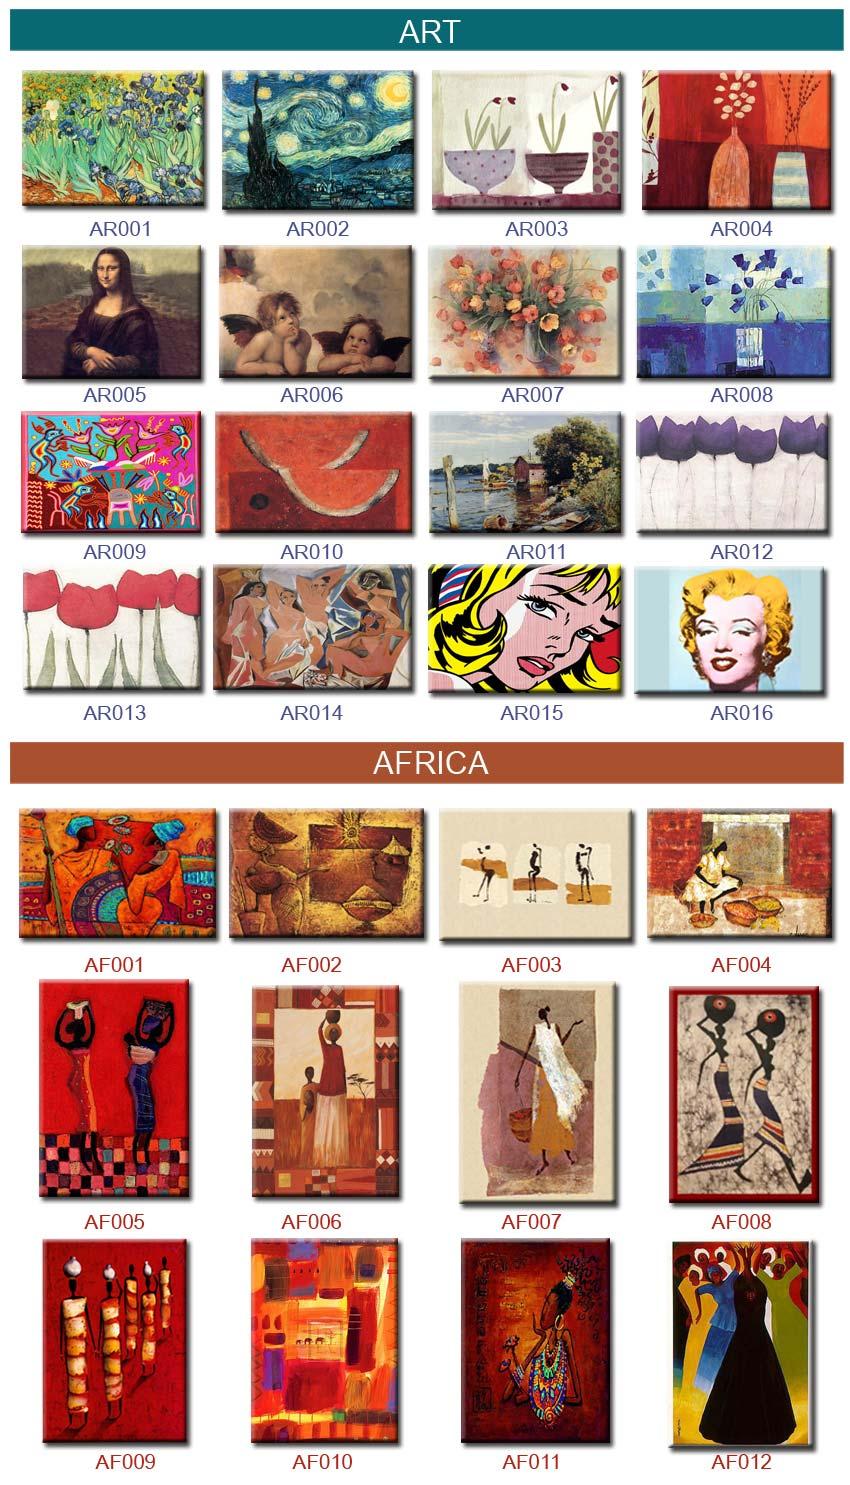 Cuadros decorativos minimalistas solo 179 pesos leos a for Cuadros decorativos minimalistas